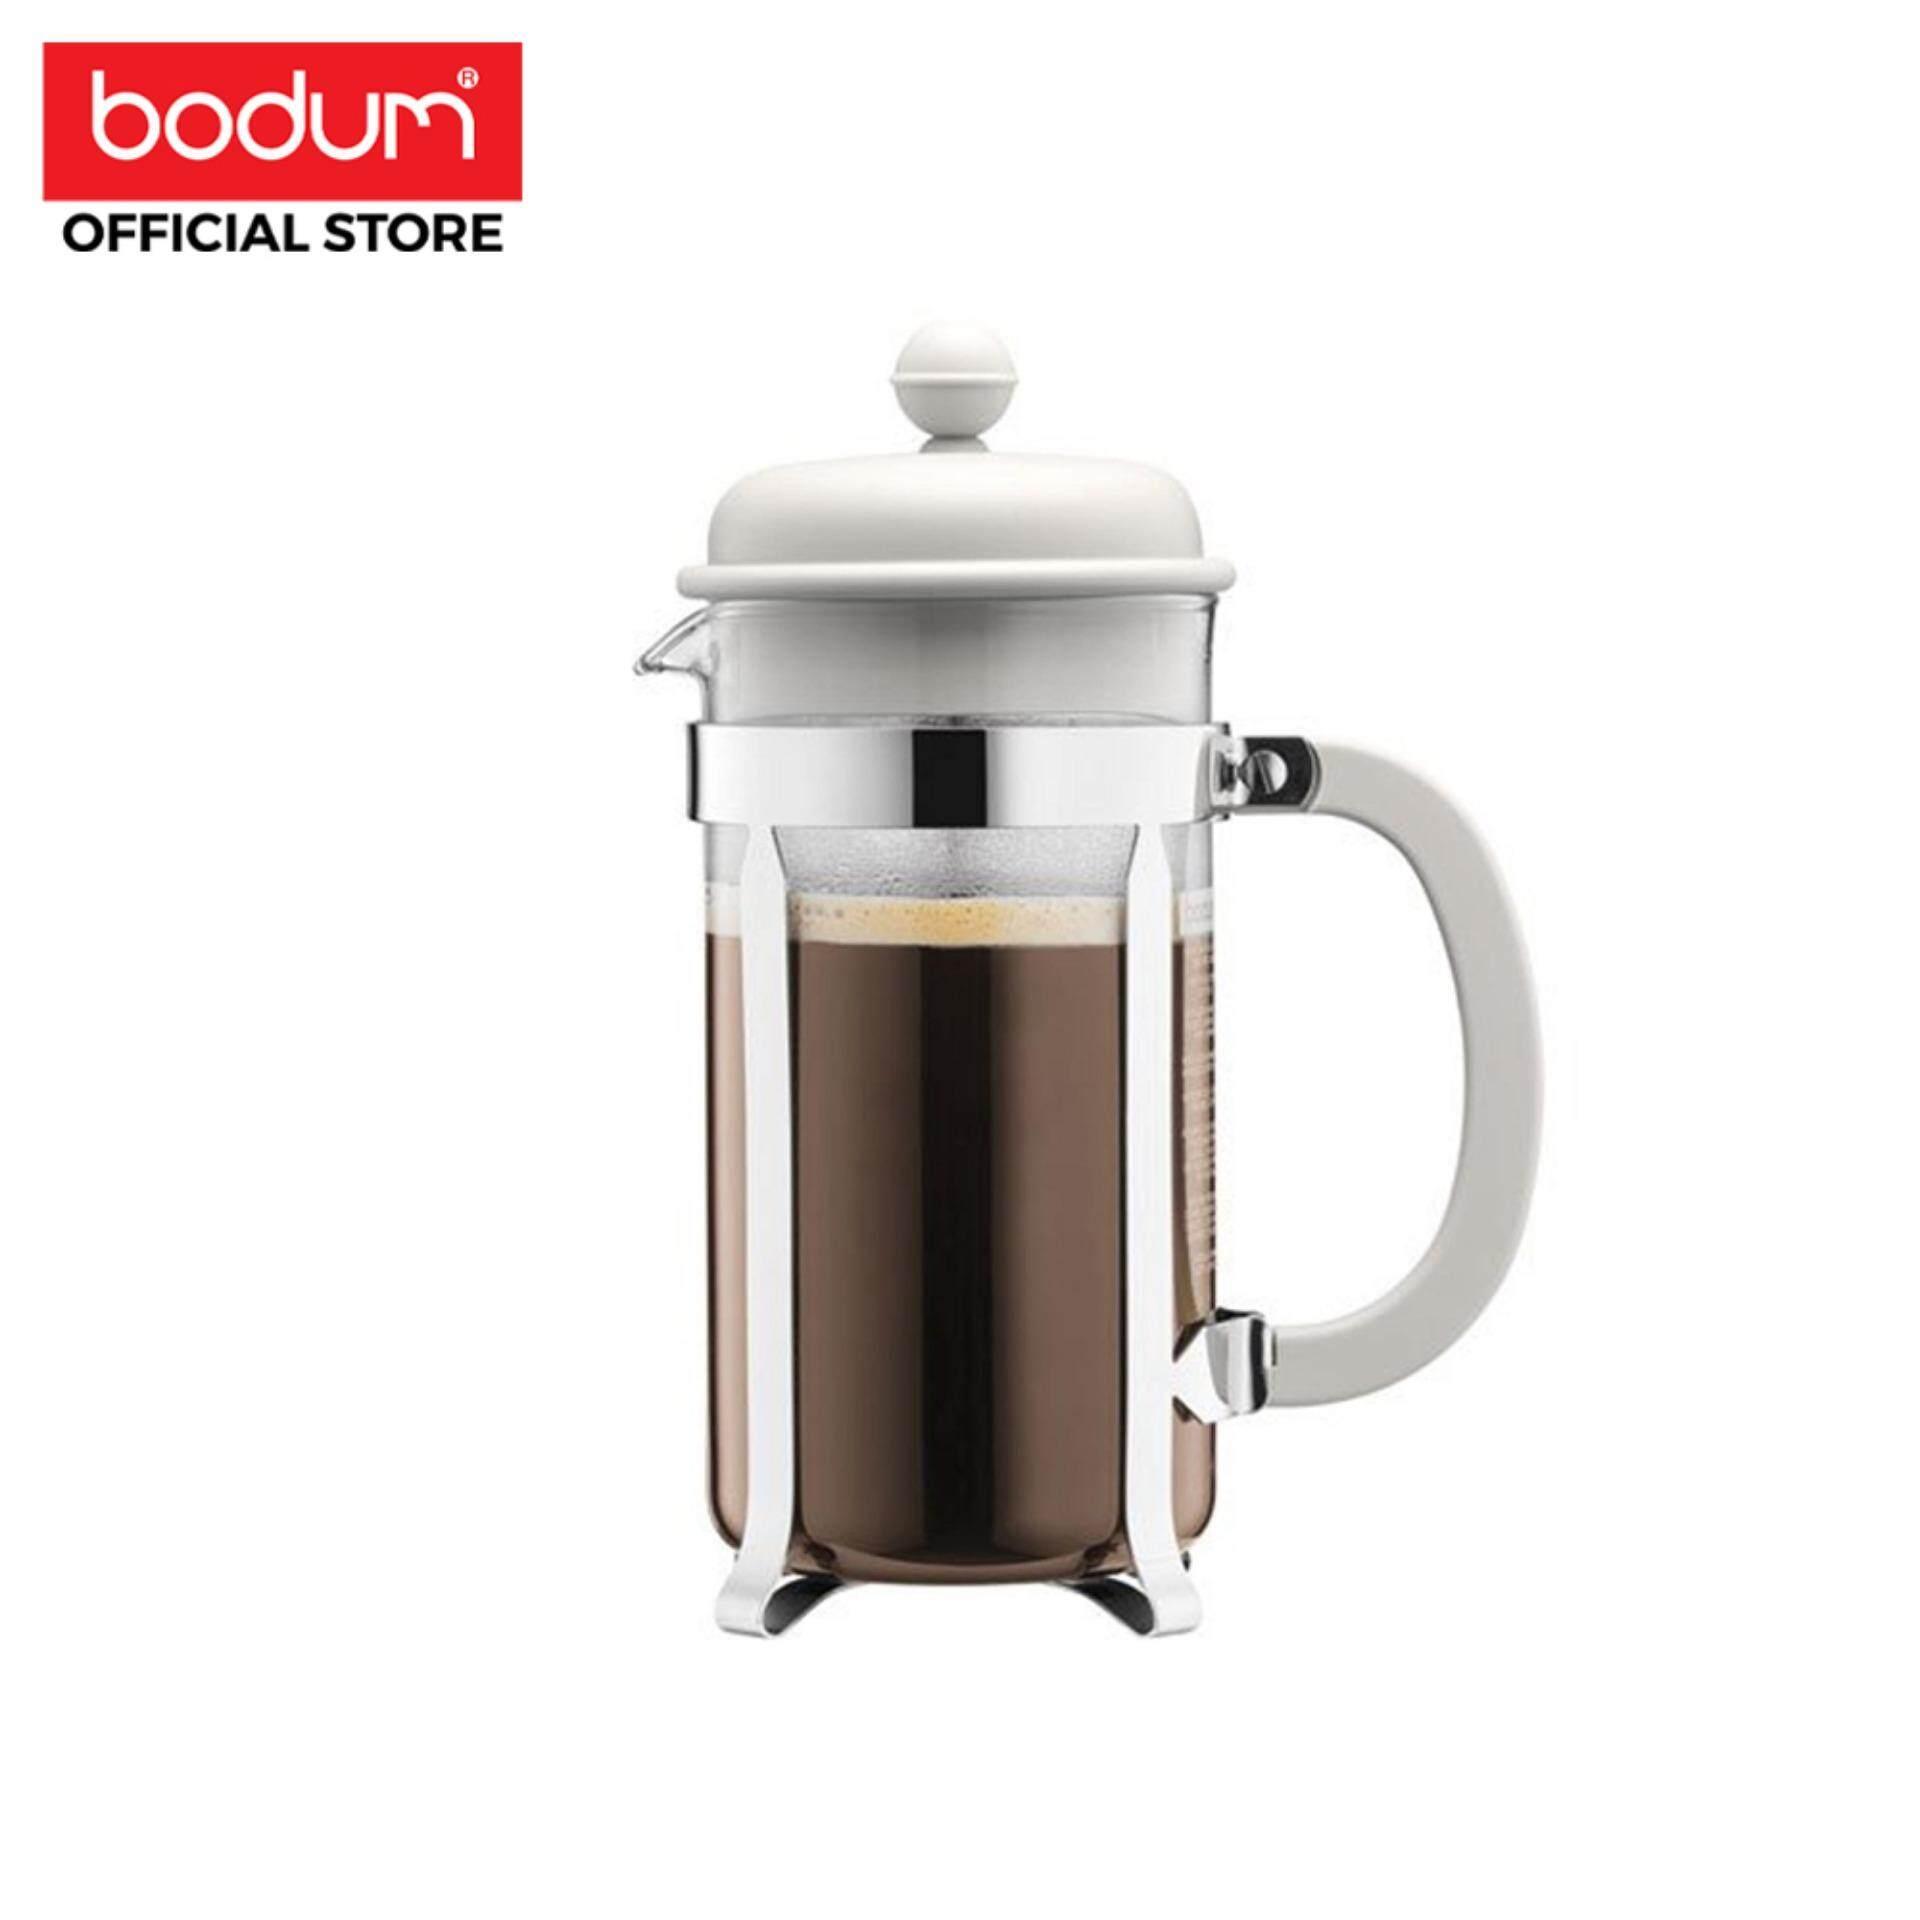 Bodum เครื่องชงกาแฟ Caffettiera  French Press - 8 Cup  34 ออนซ์ สีขาว.